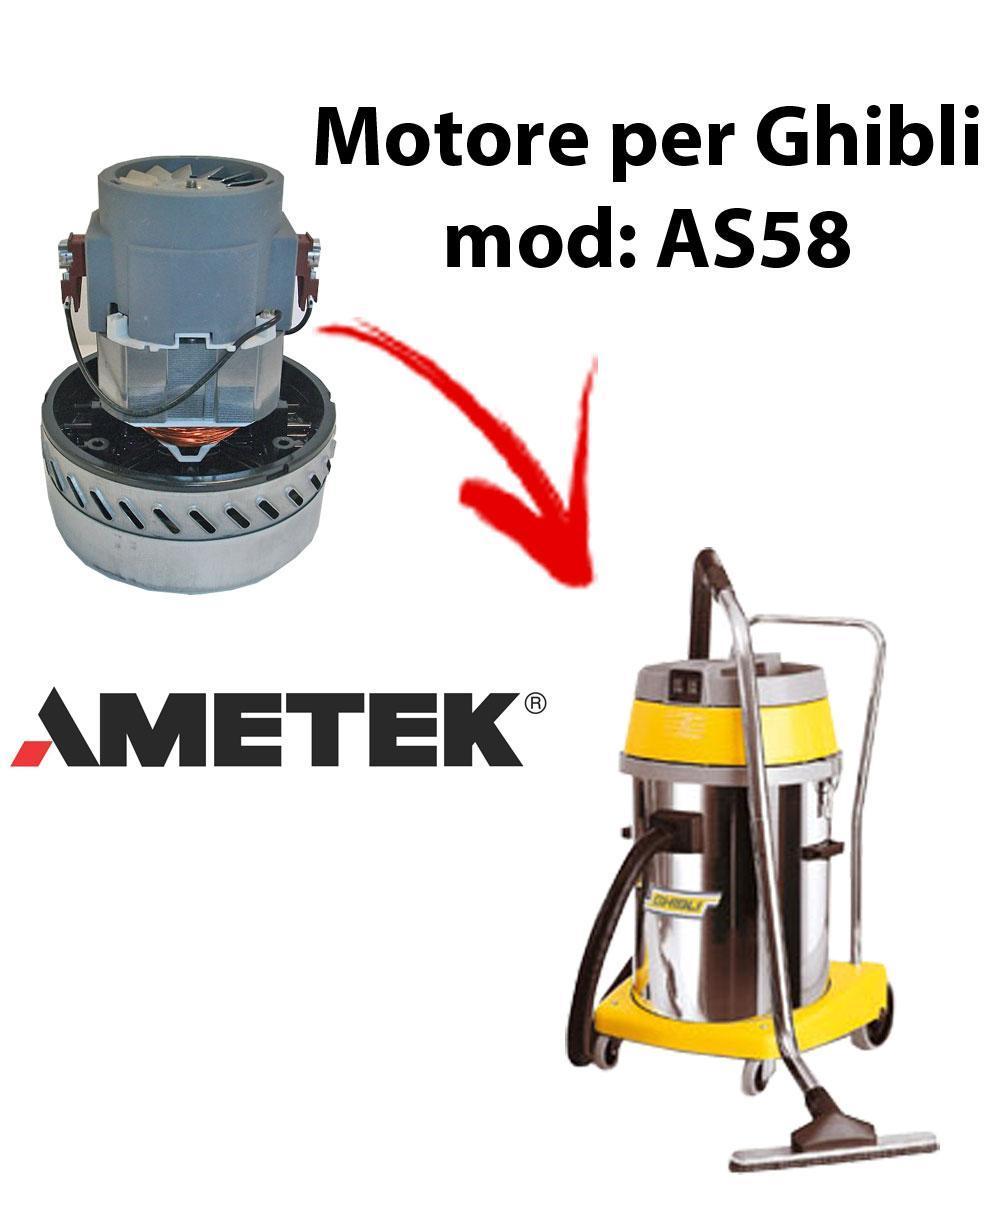 AS58  Vacuum motor Amatek for wet and dry vacuum cleaner GHIBLI